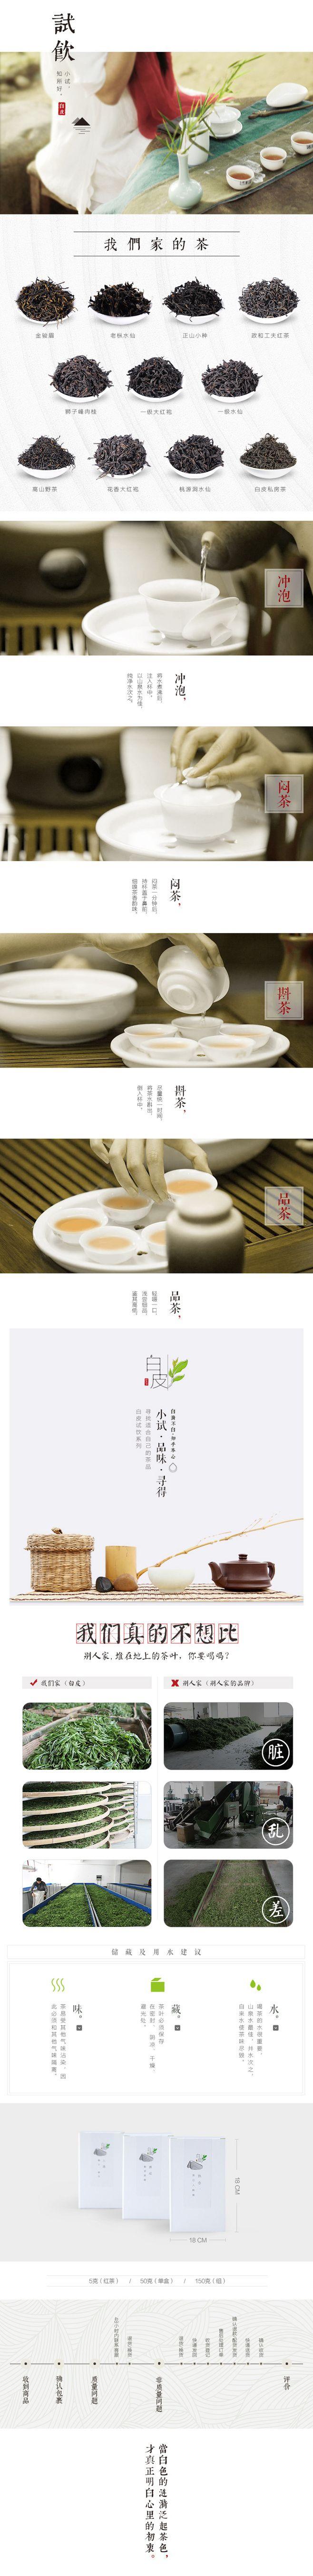 中国风茶文化详情页2 电子商务/商城 网...